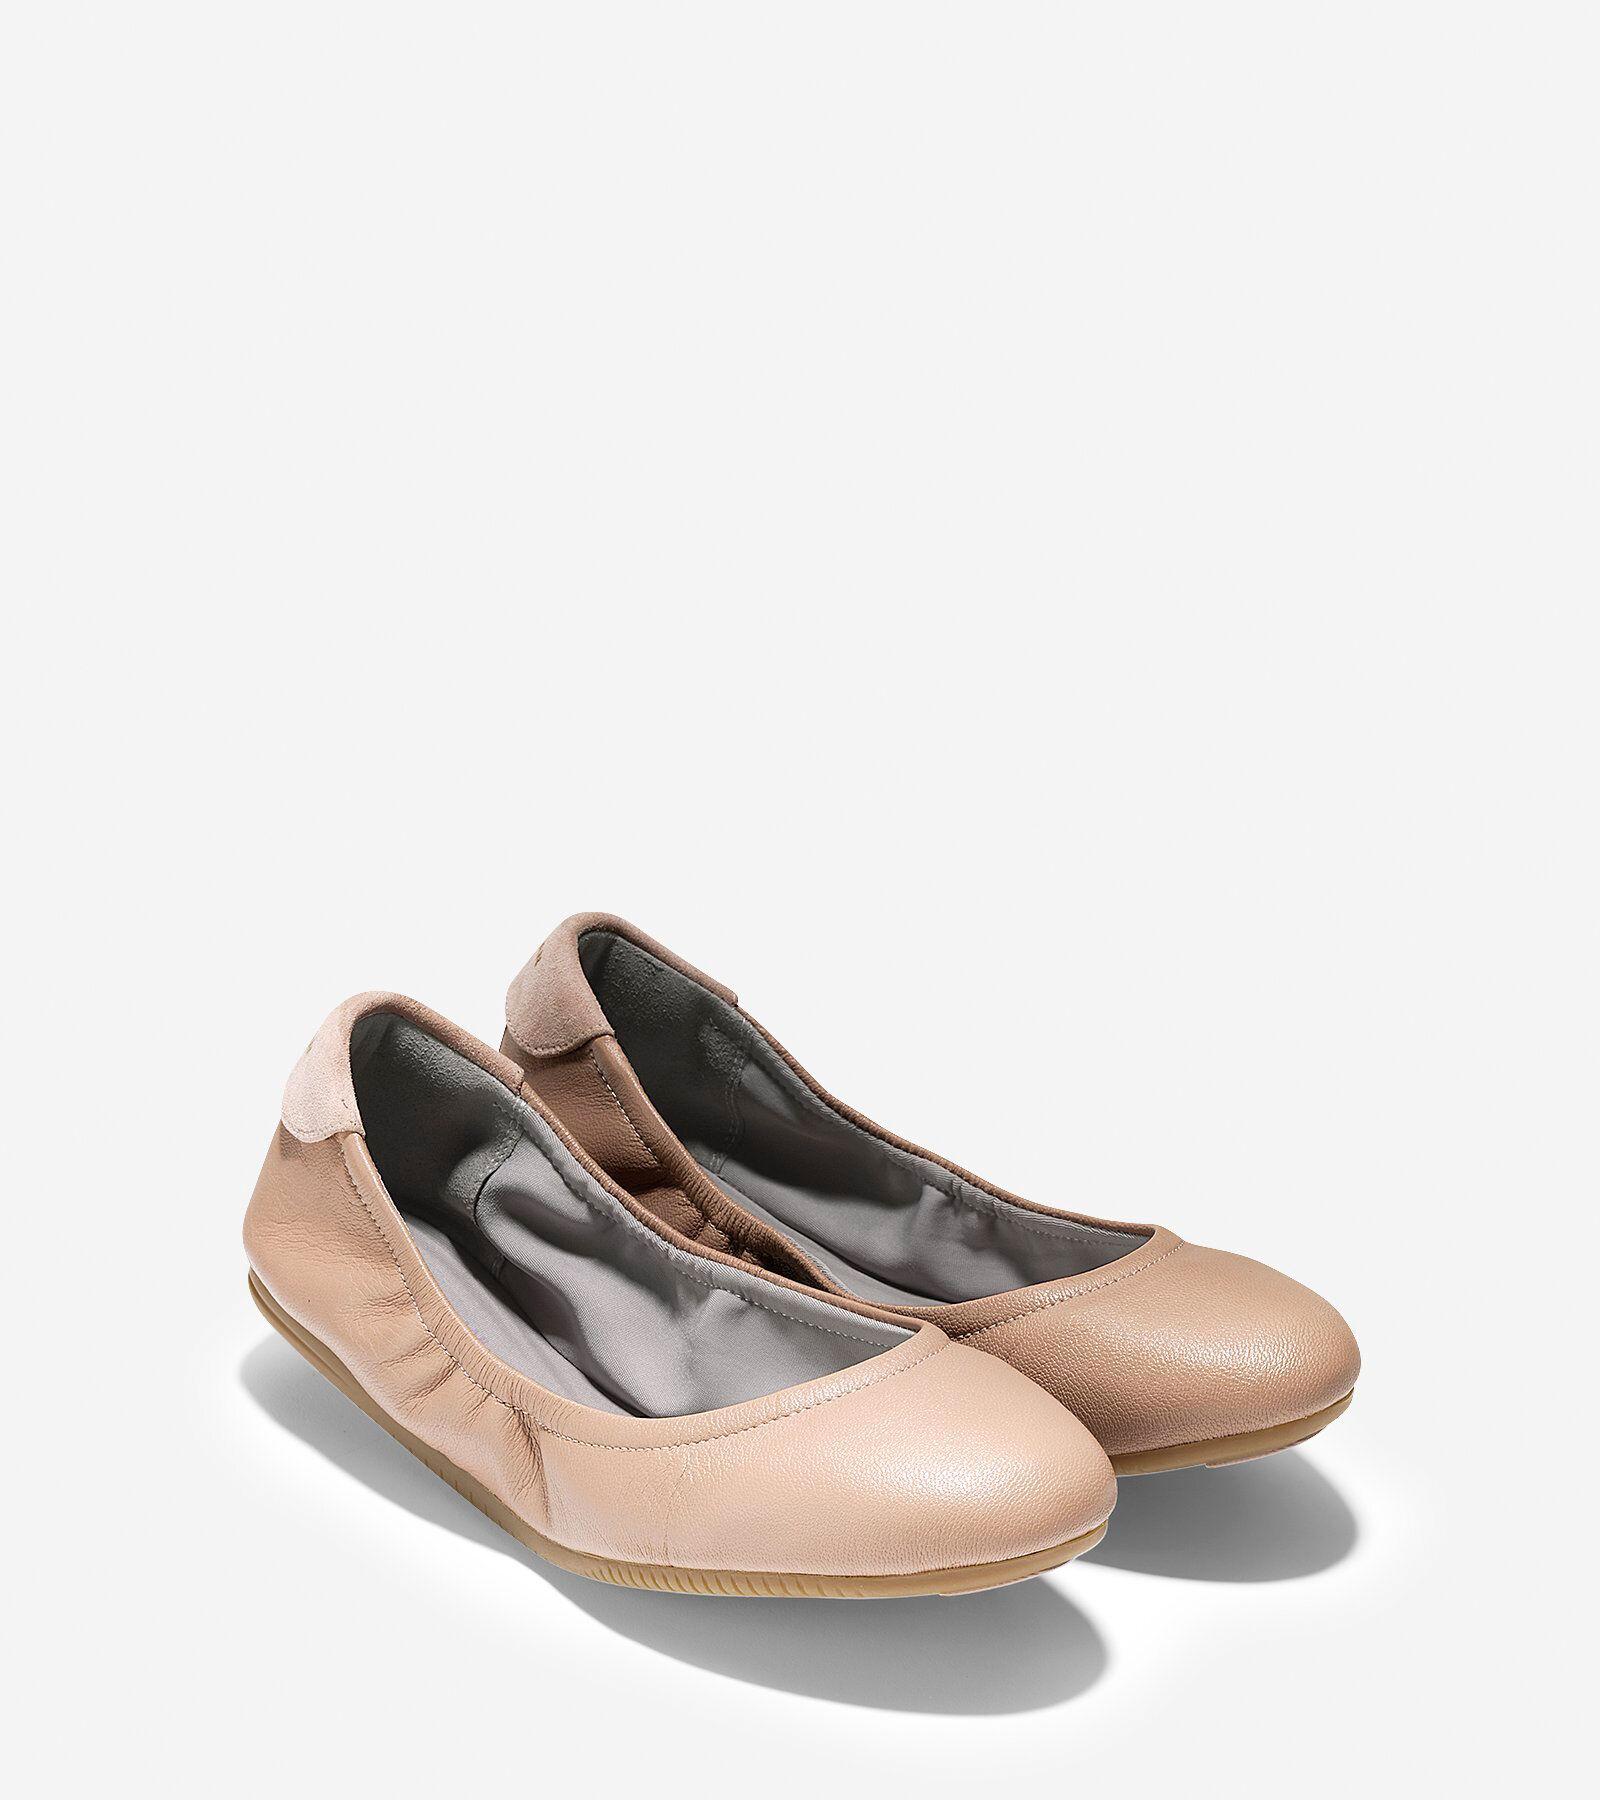 Cole Haan 2.0 Studio Grand Ballet Flat 4DTP1zQD7